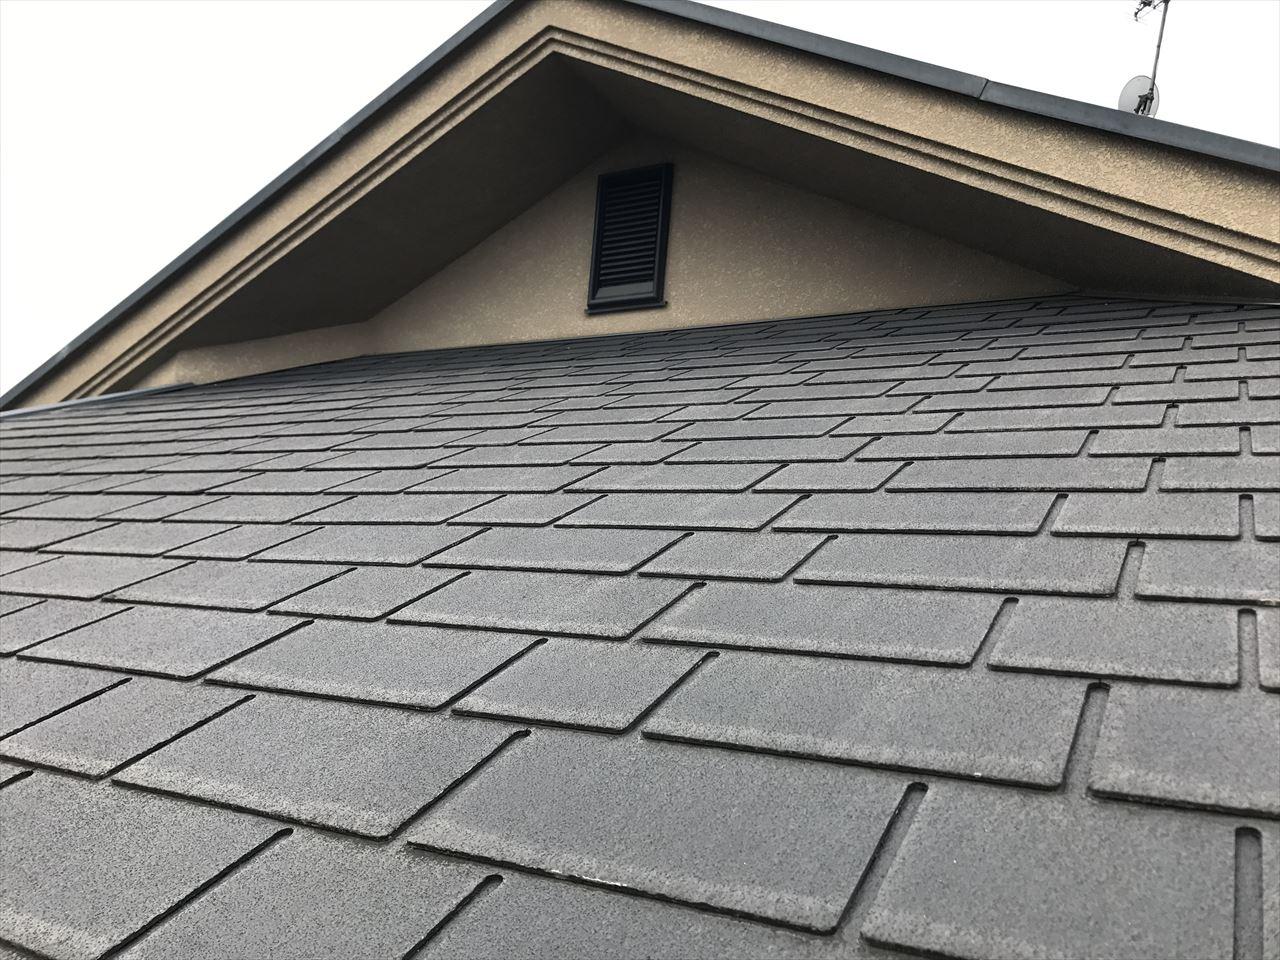 長岡京市辻様邸外壁・屋根塗り替え工事の施工前写真その1